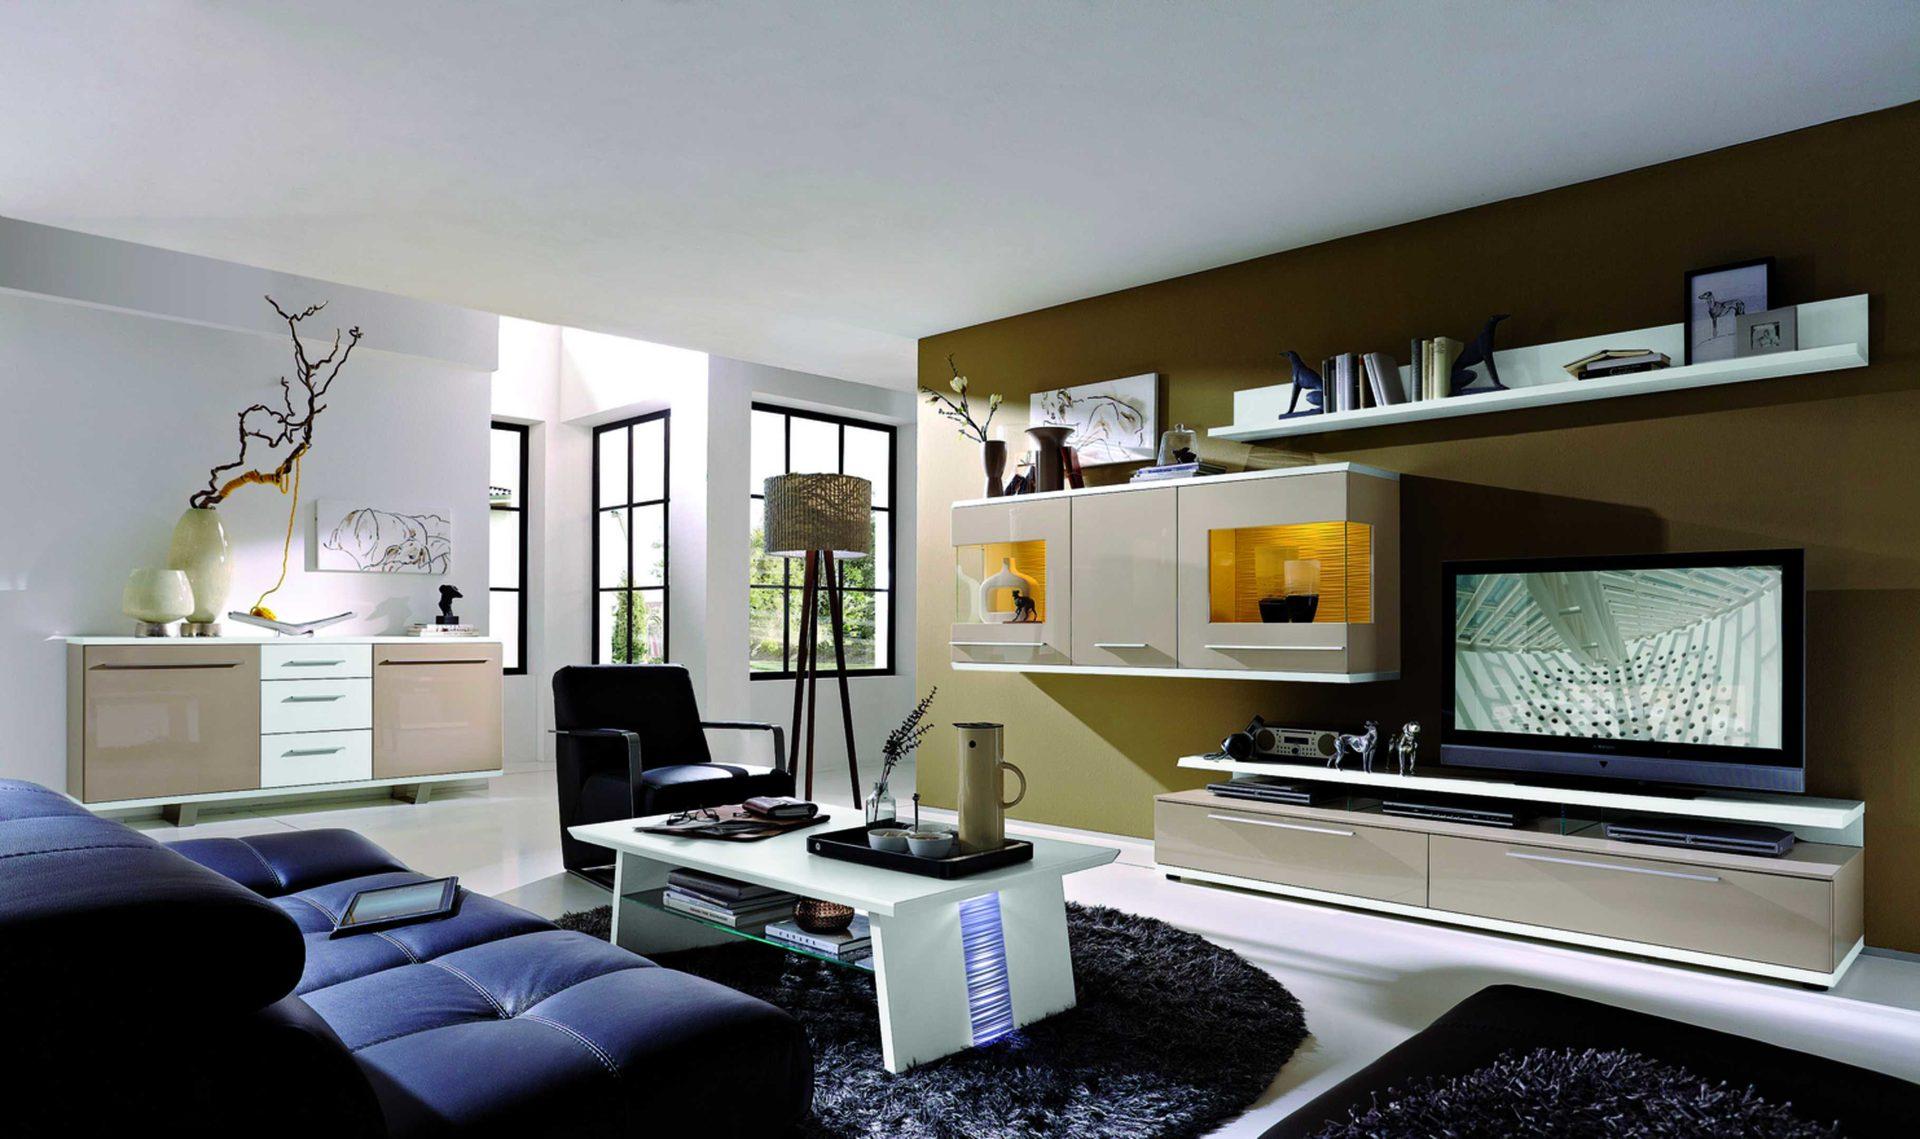 Möbel Hölzle Villingen Schwenningen Räume Wohnzimmer Schränke